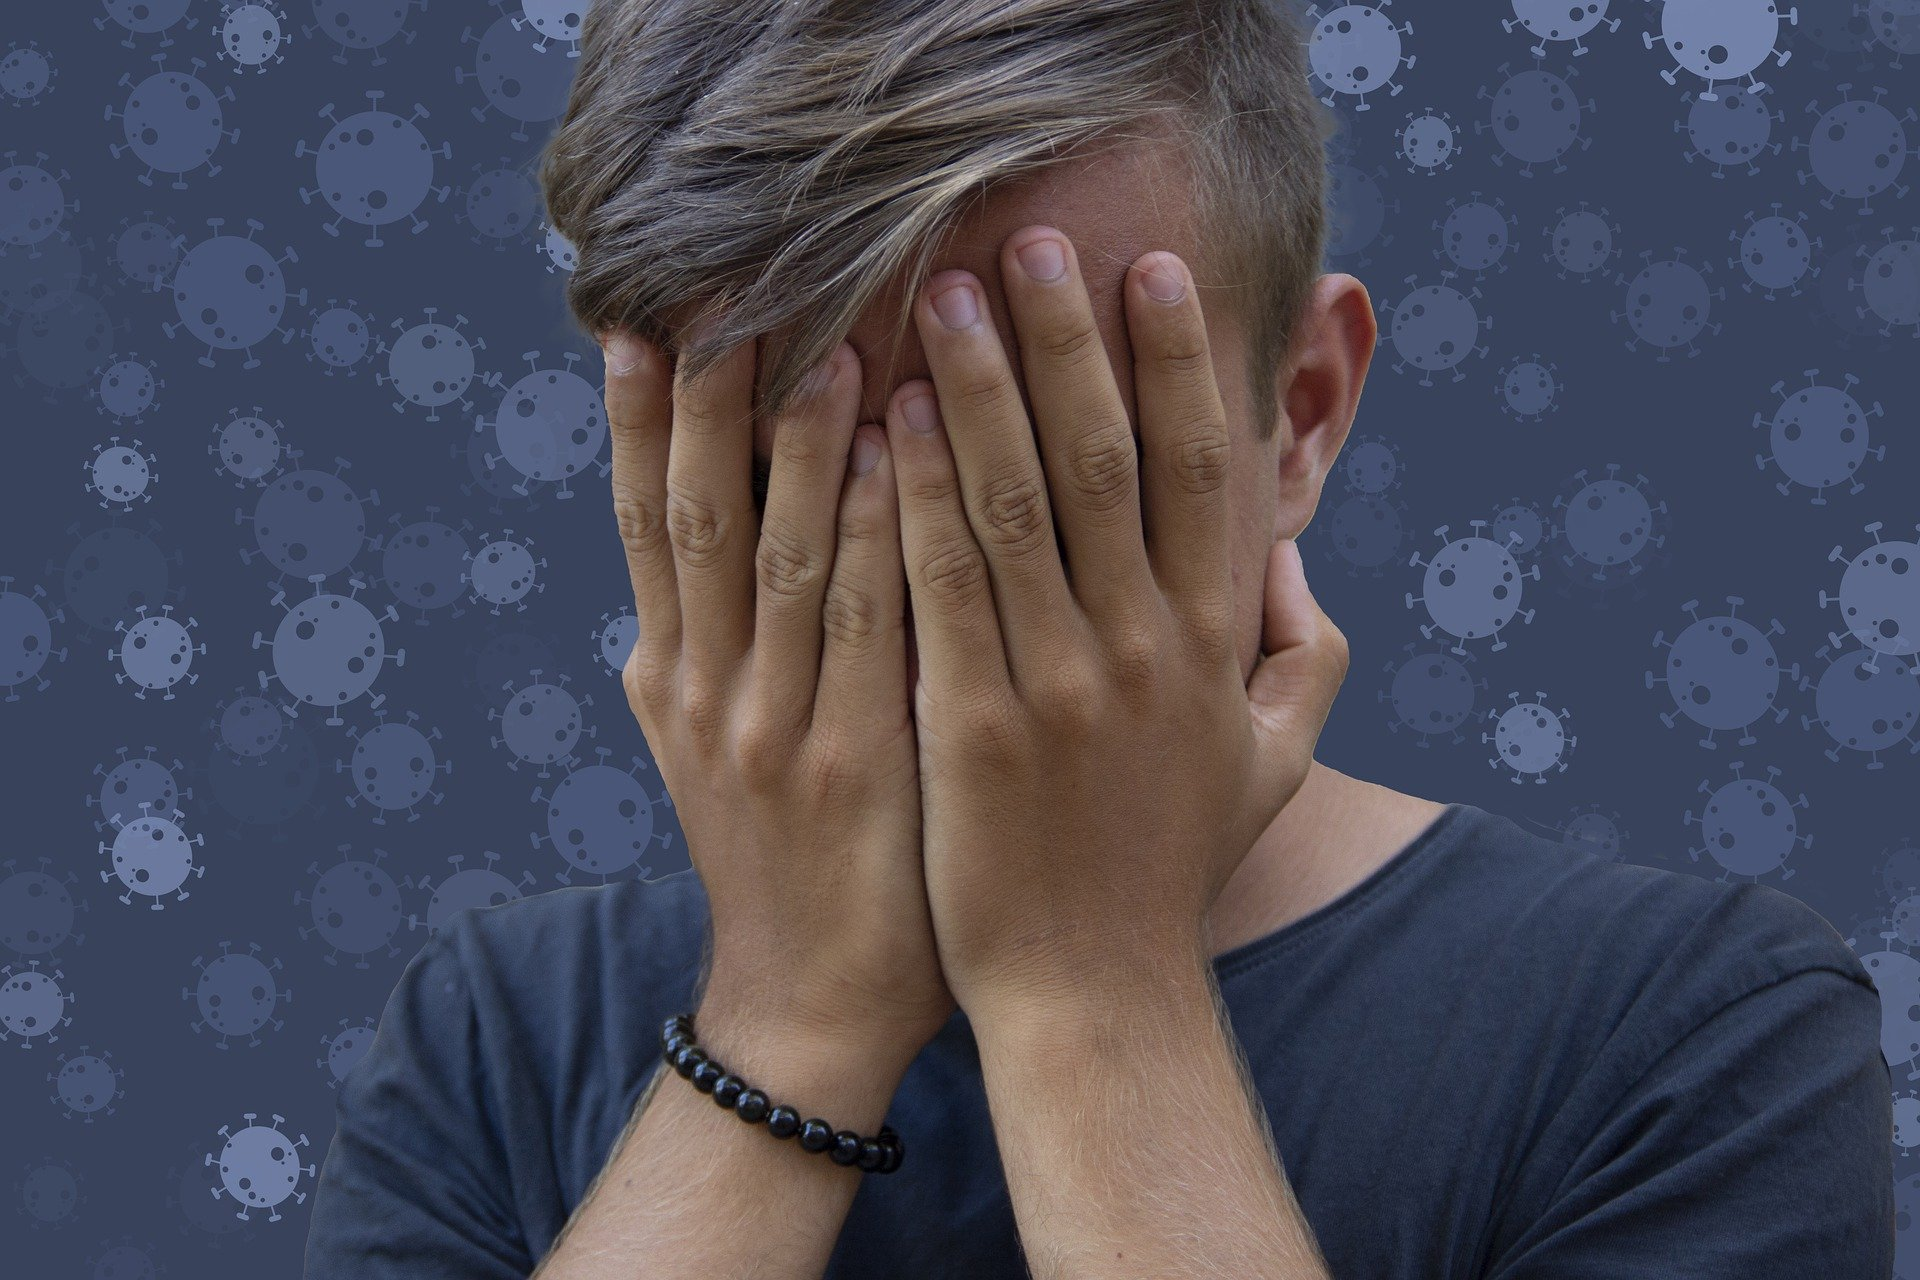 Нарушение психического состояния назвали самым частым последствием COVID-19